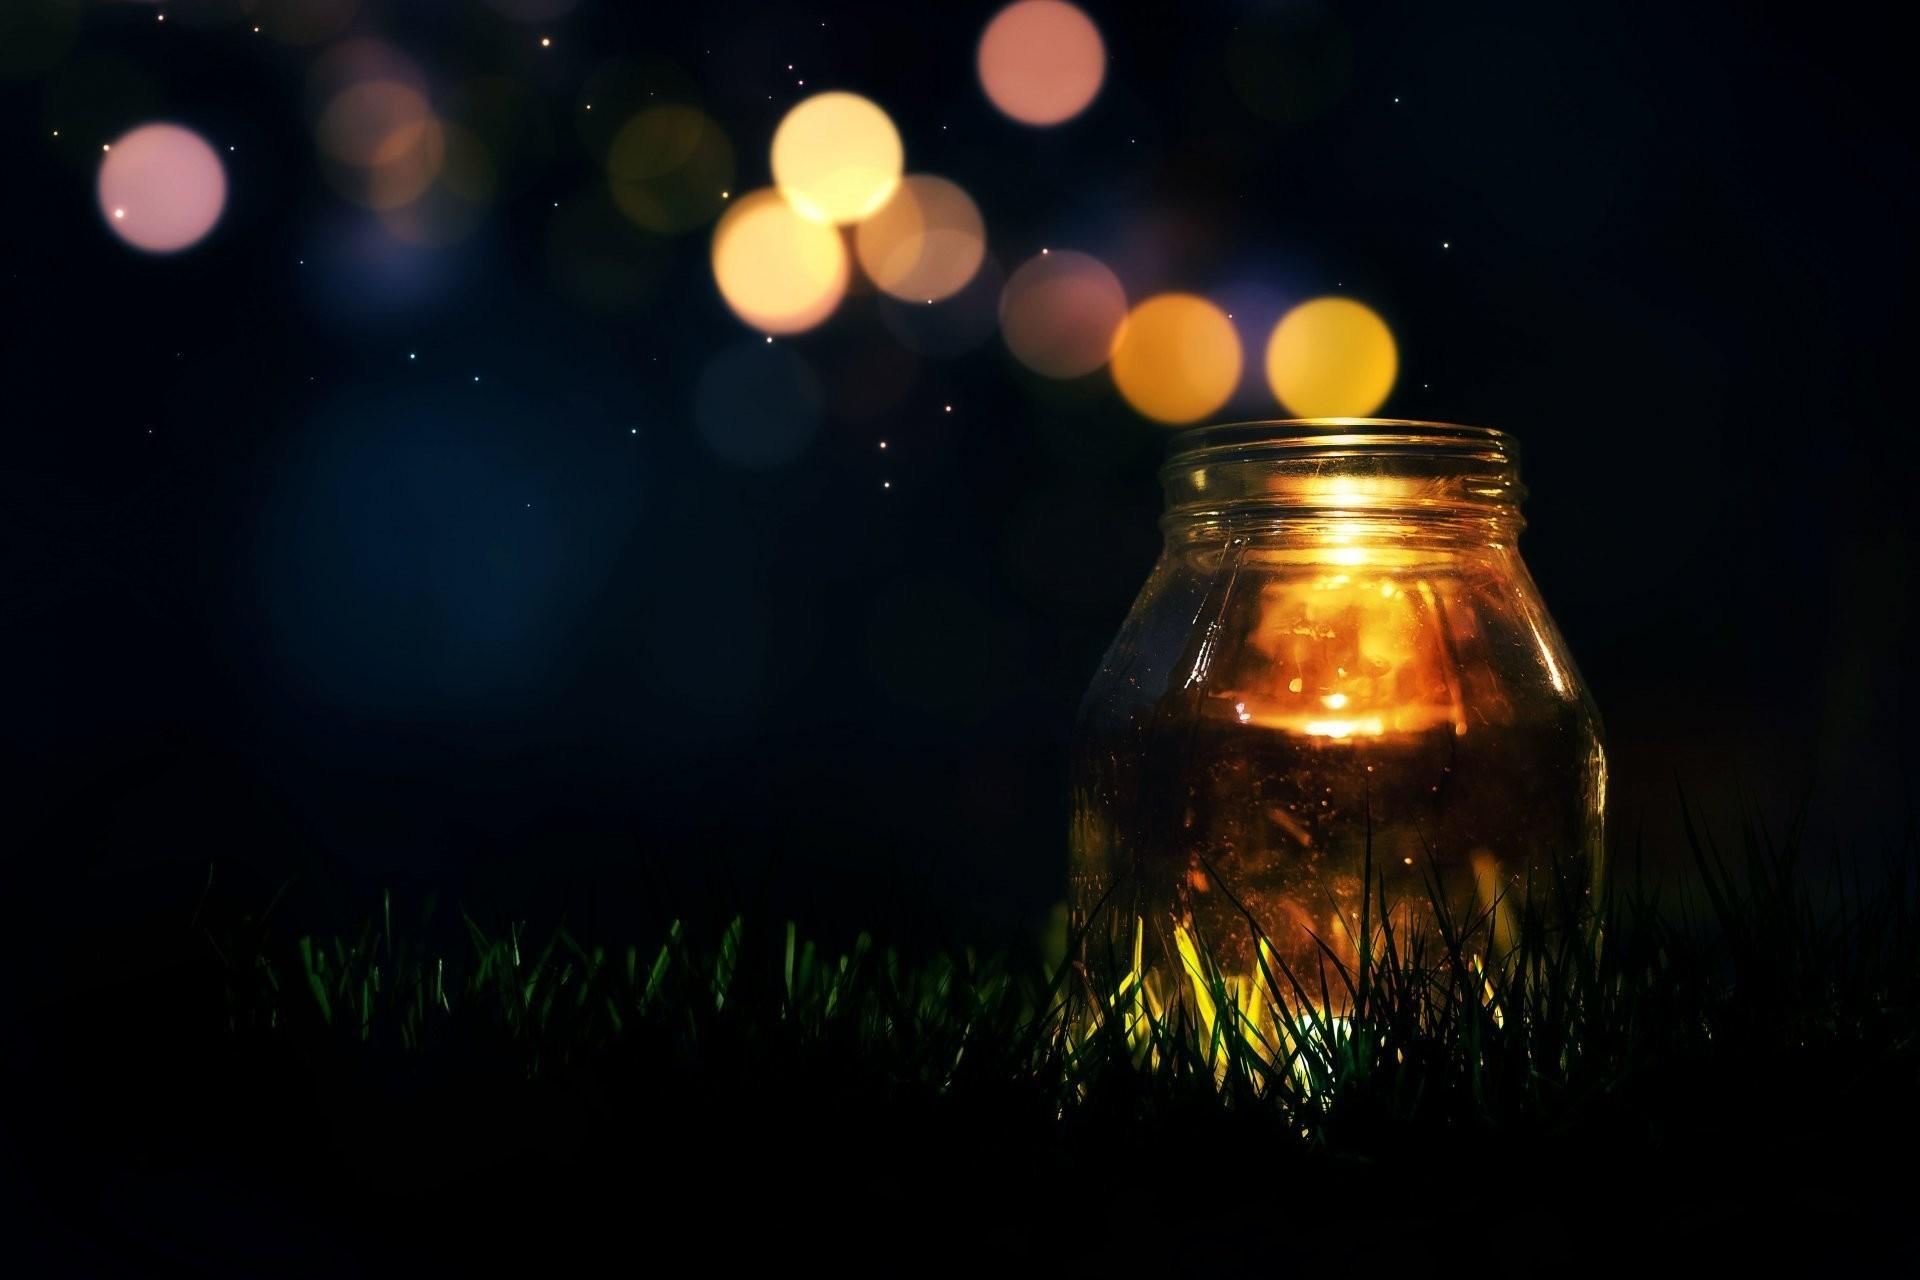 mood jar candle light sequins bokeh grass green background wallpaper  widescreen full screen widescreen hd wallpapers